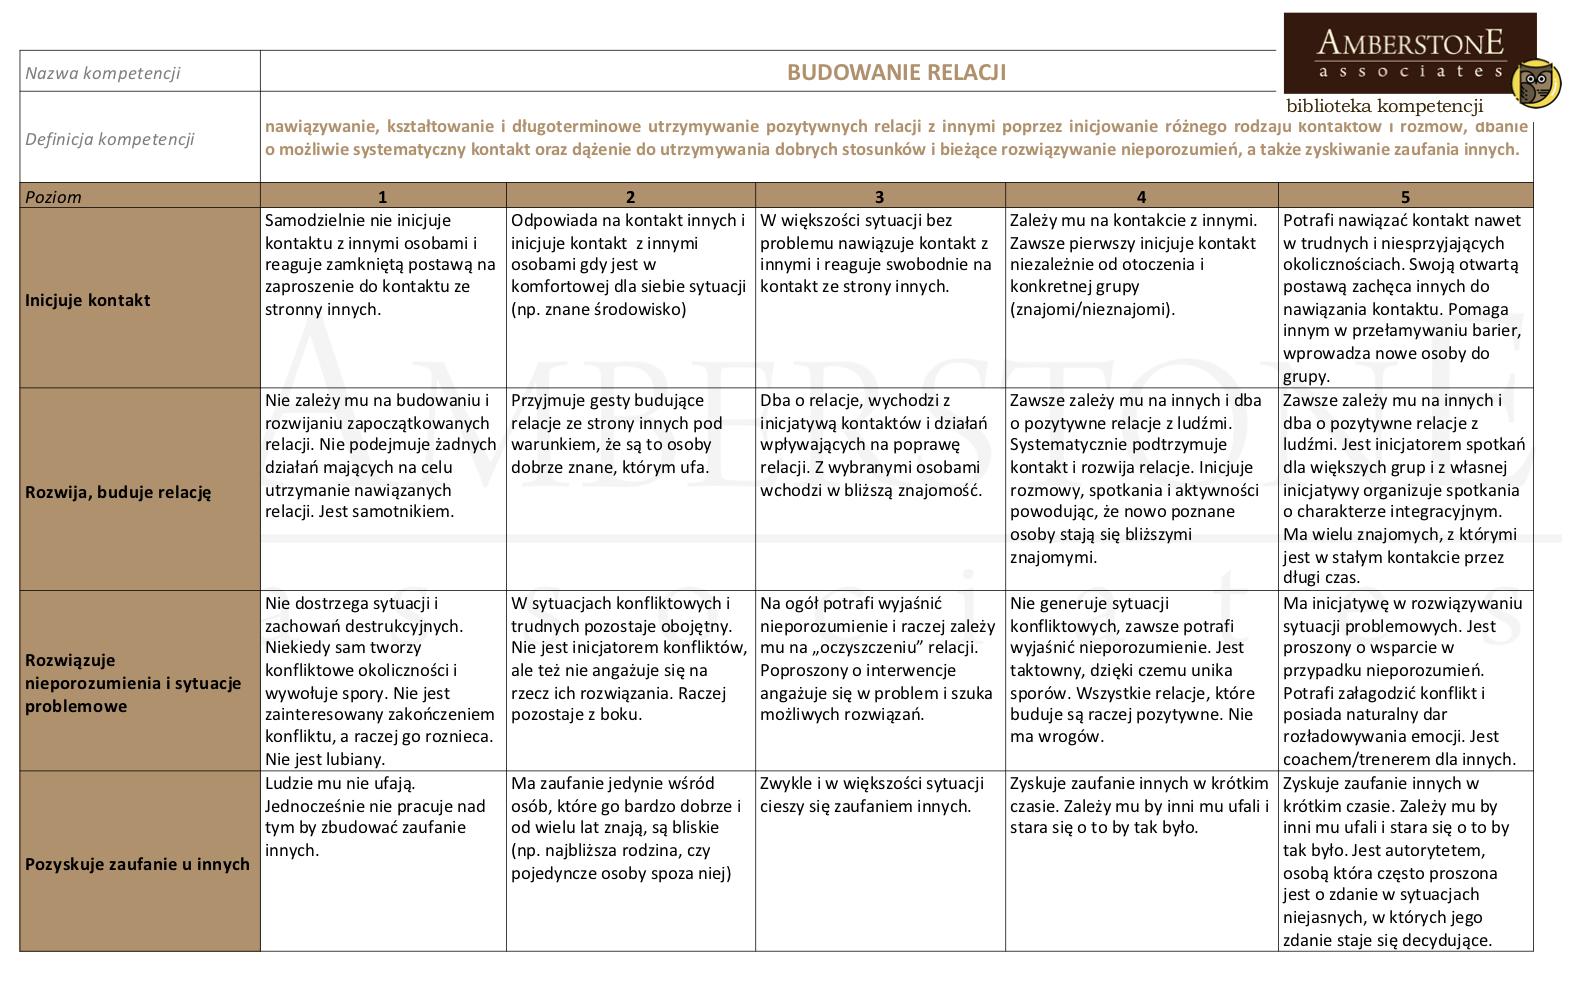 Kompetencje - budowanie relacji (opis)